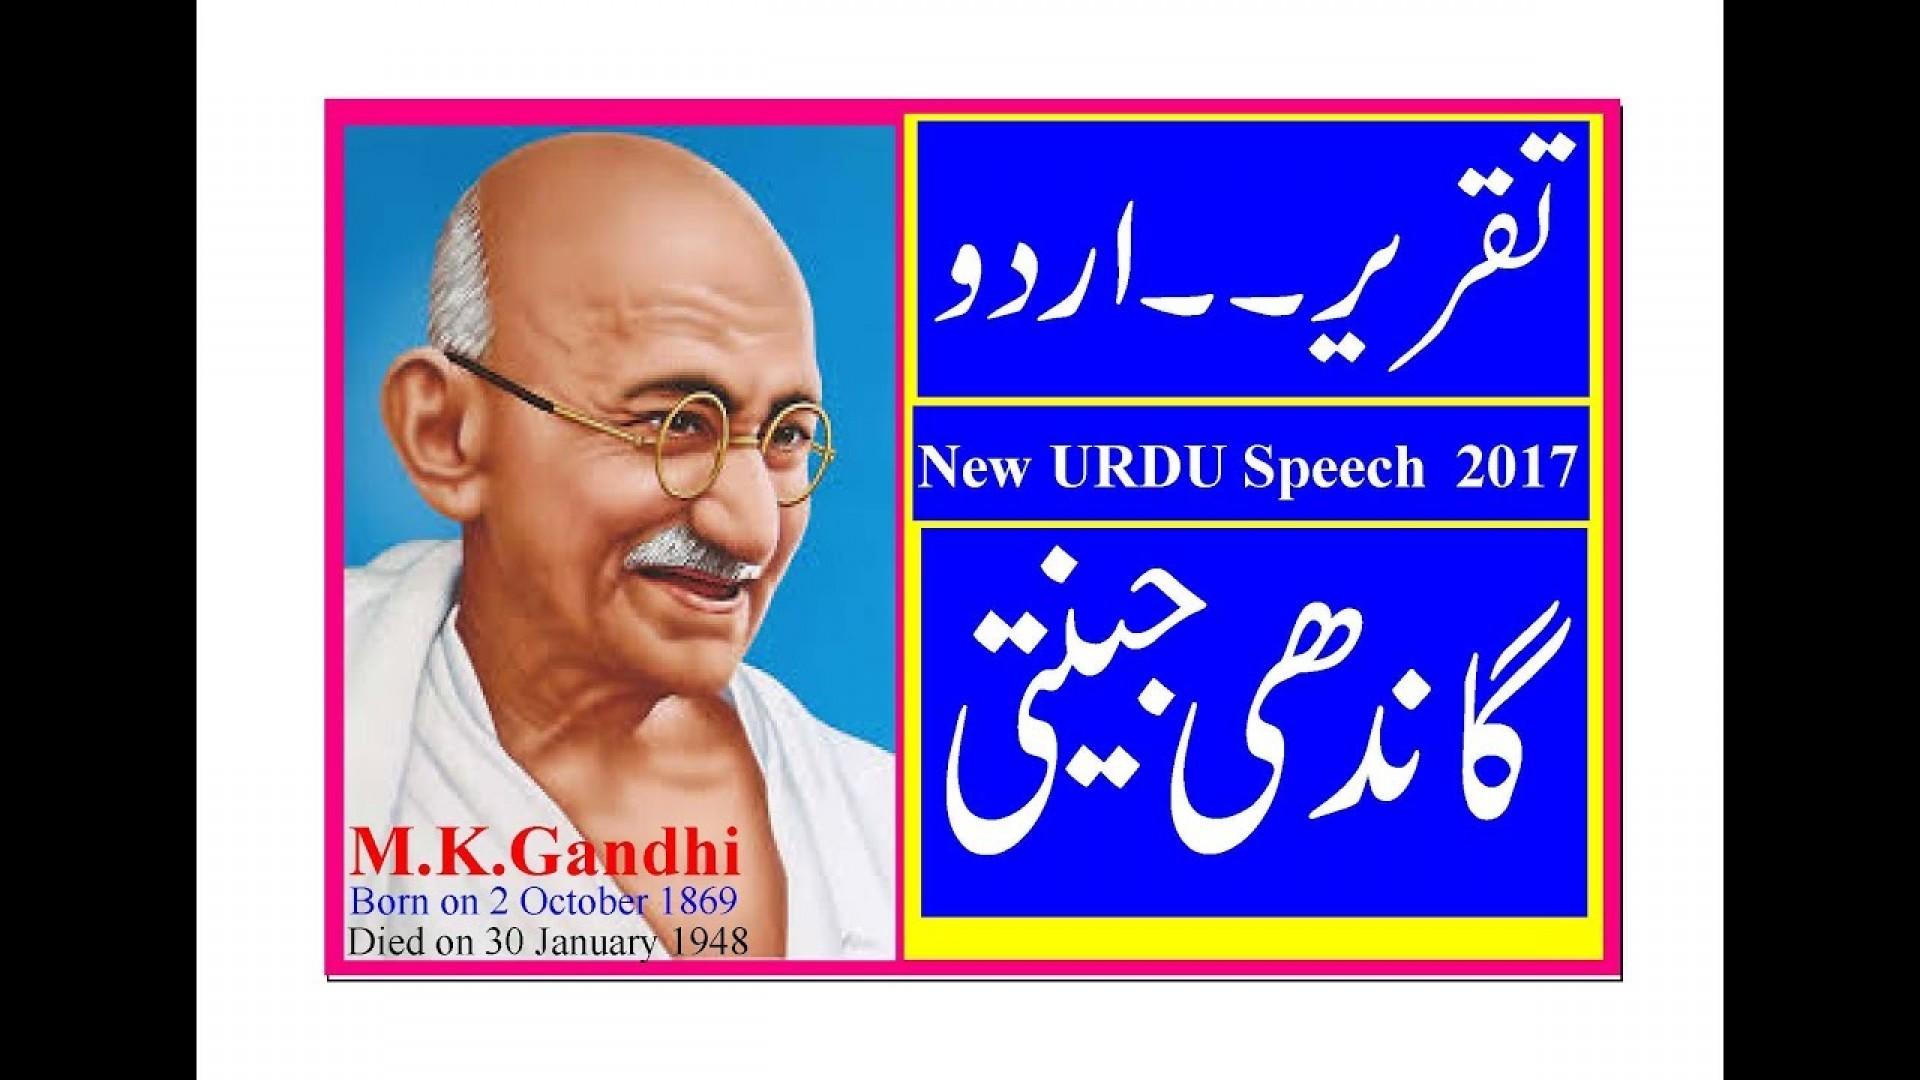 007 Mahatma Gandhi Essay In Urdu Example Imposing Language Jayanti Speech 1920